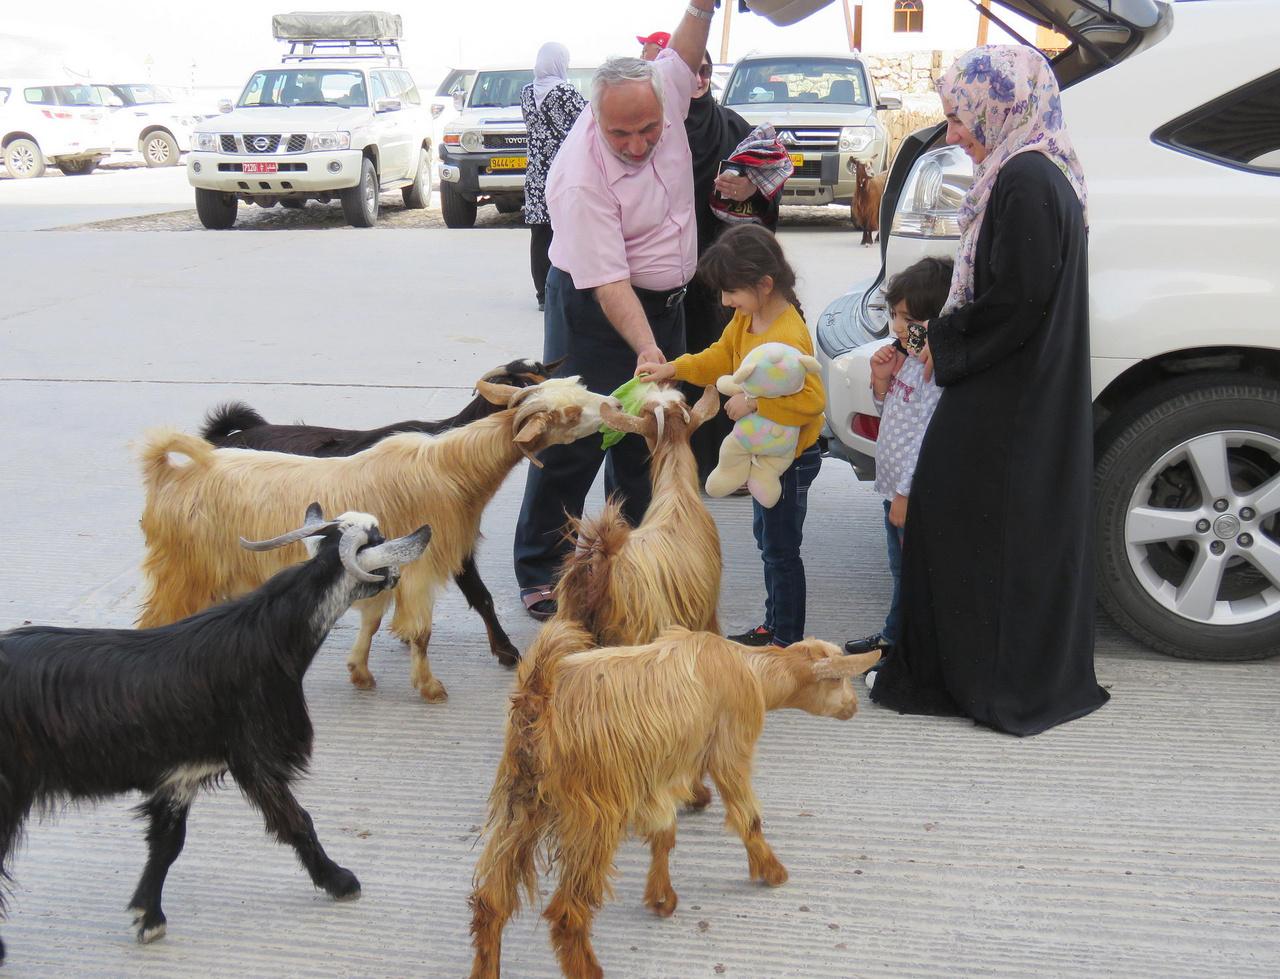 Kéregető kecskék a Wadi Shab tengerparti parkolójában. A család szemlátomást számított rájuk, hiszen hoztak nekik friss salátaleveleket.